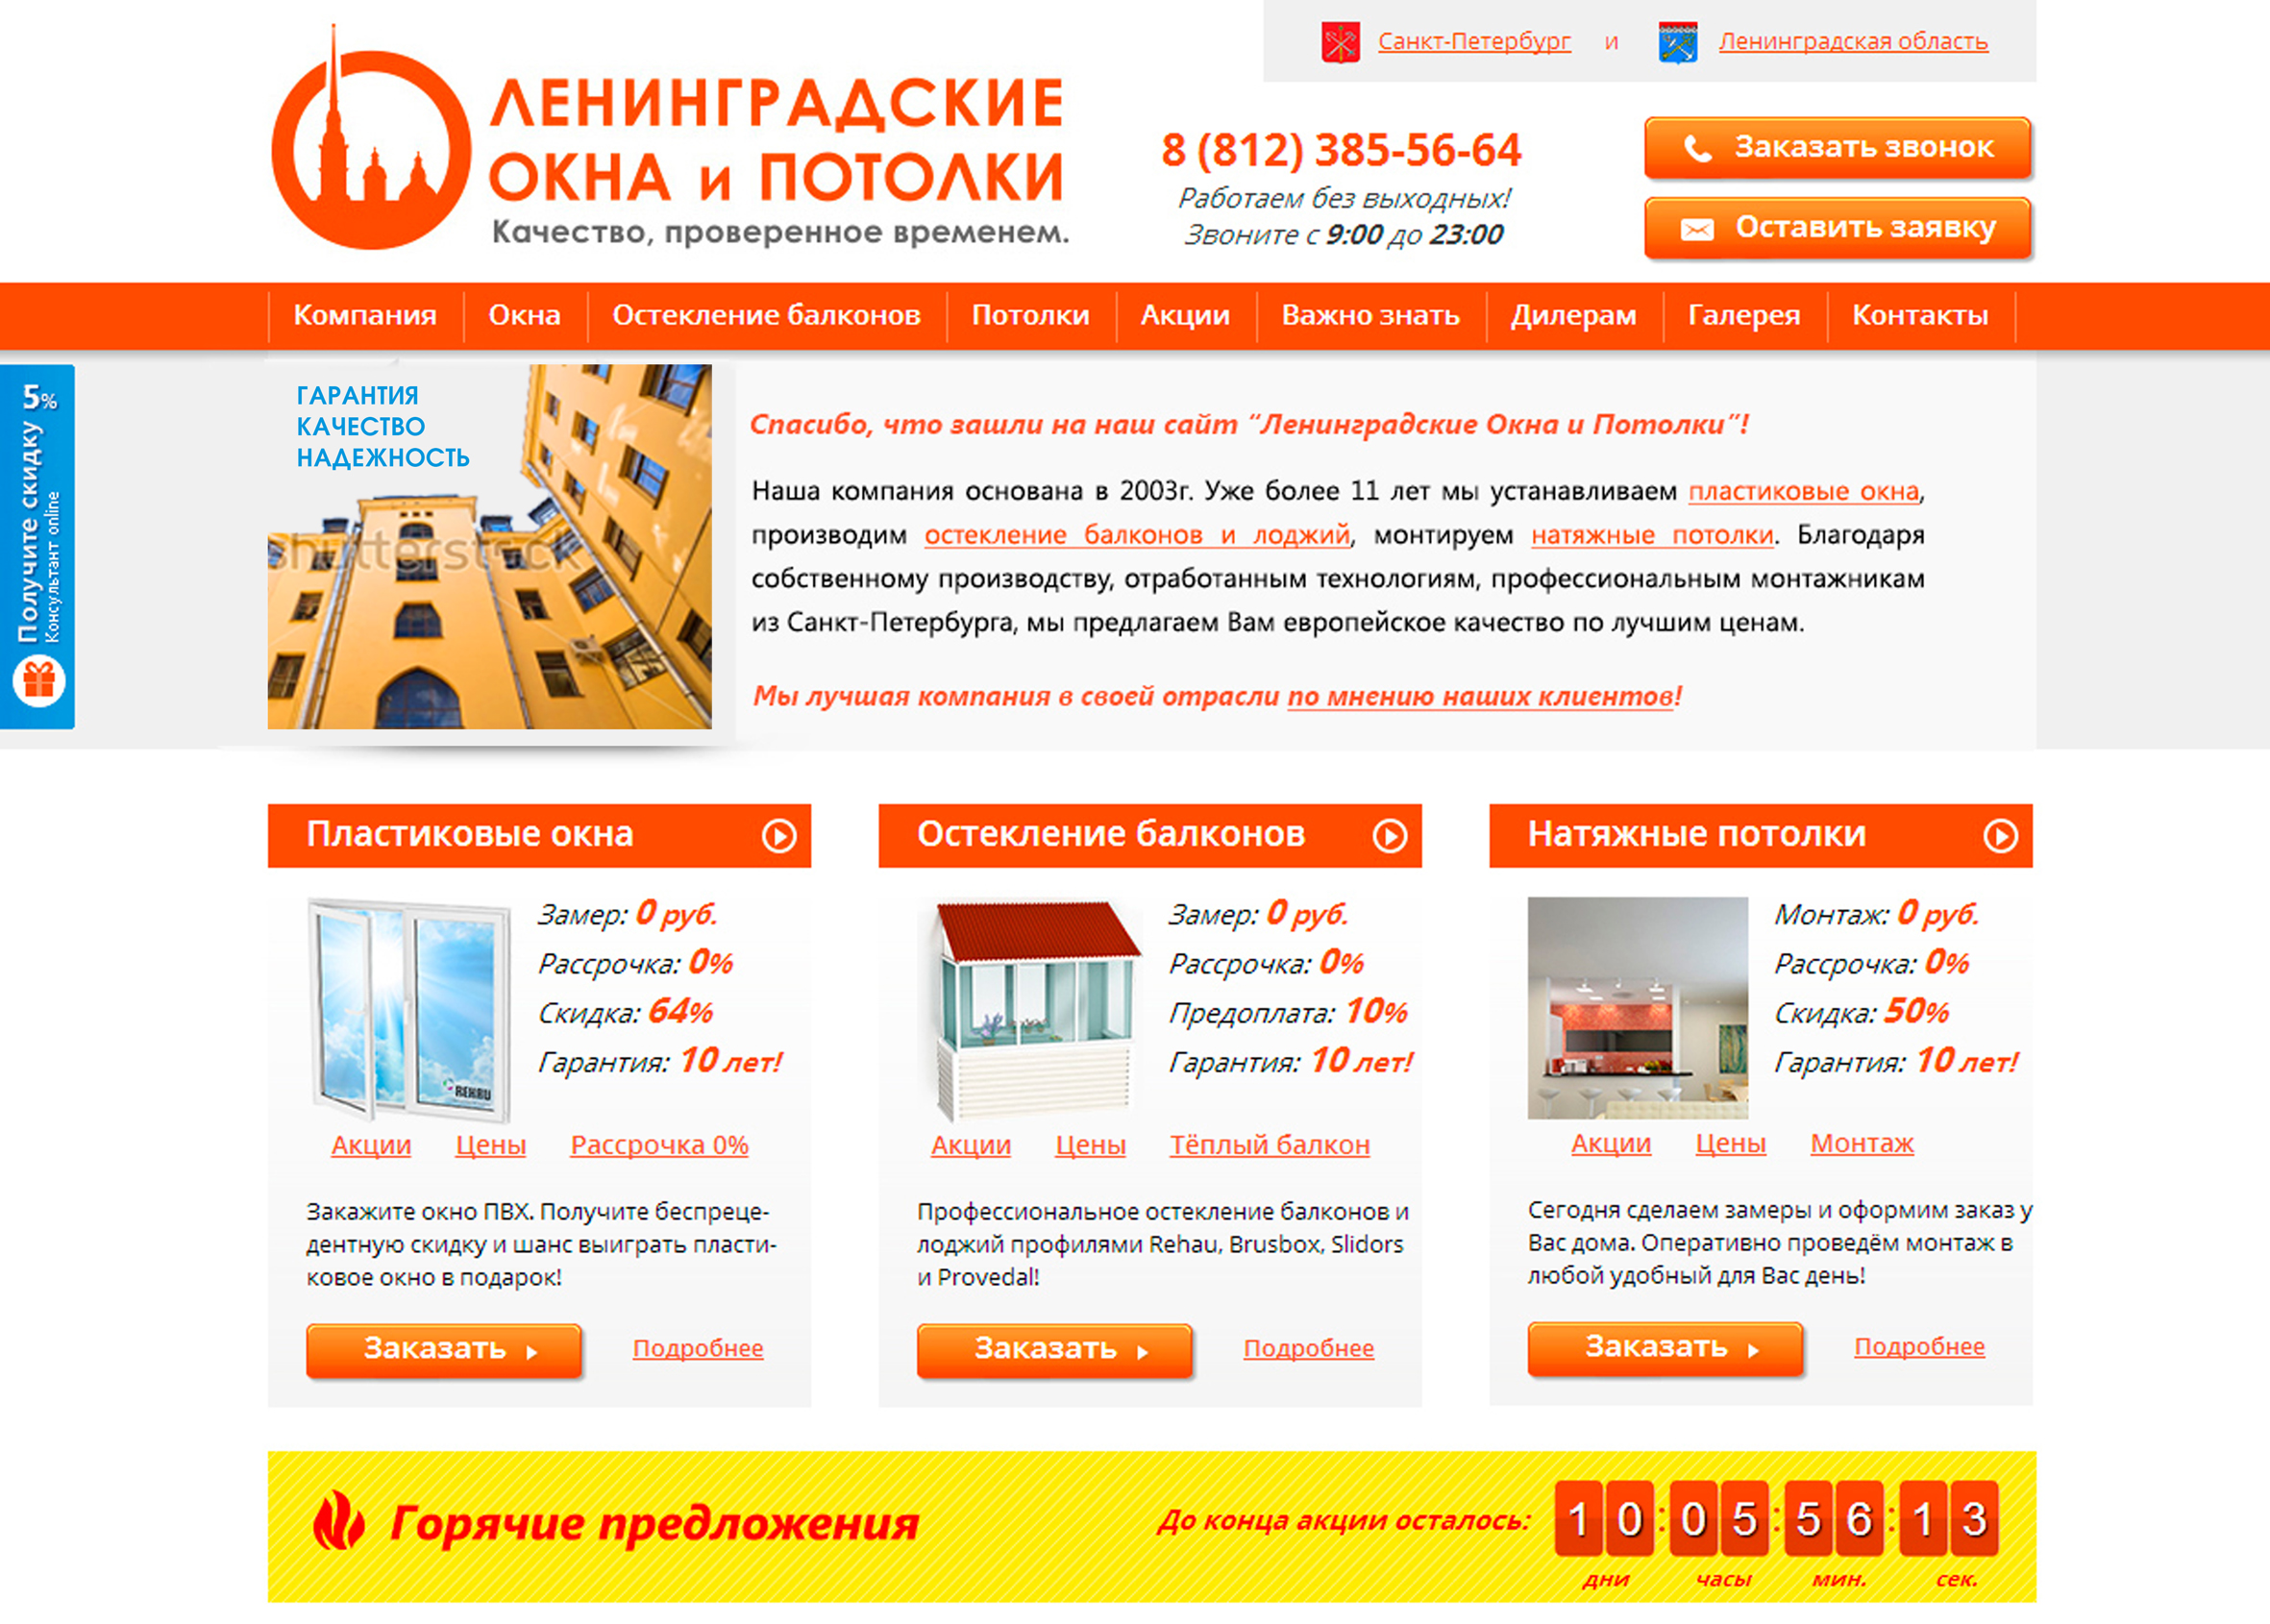 Иллюстрация/картинка для главной страницы сайта фото f_04353fc32fc16080.jpg